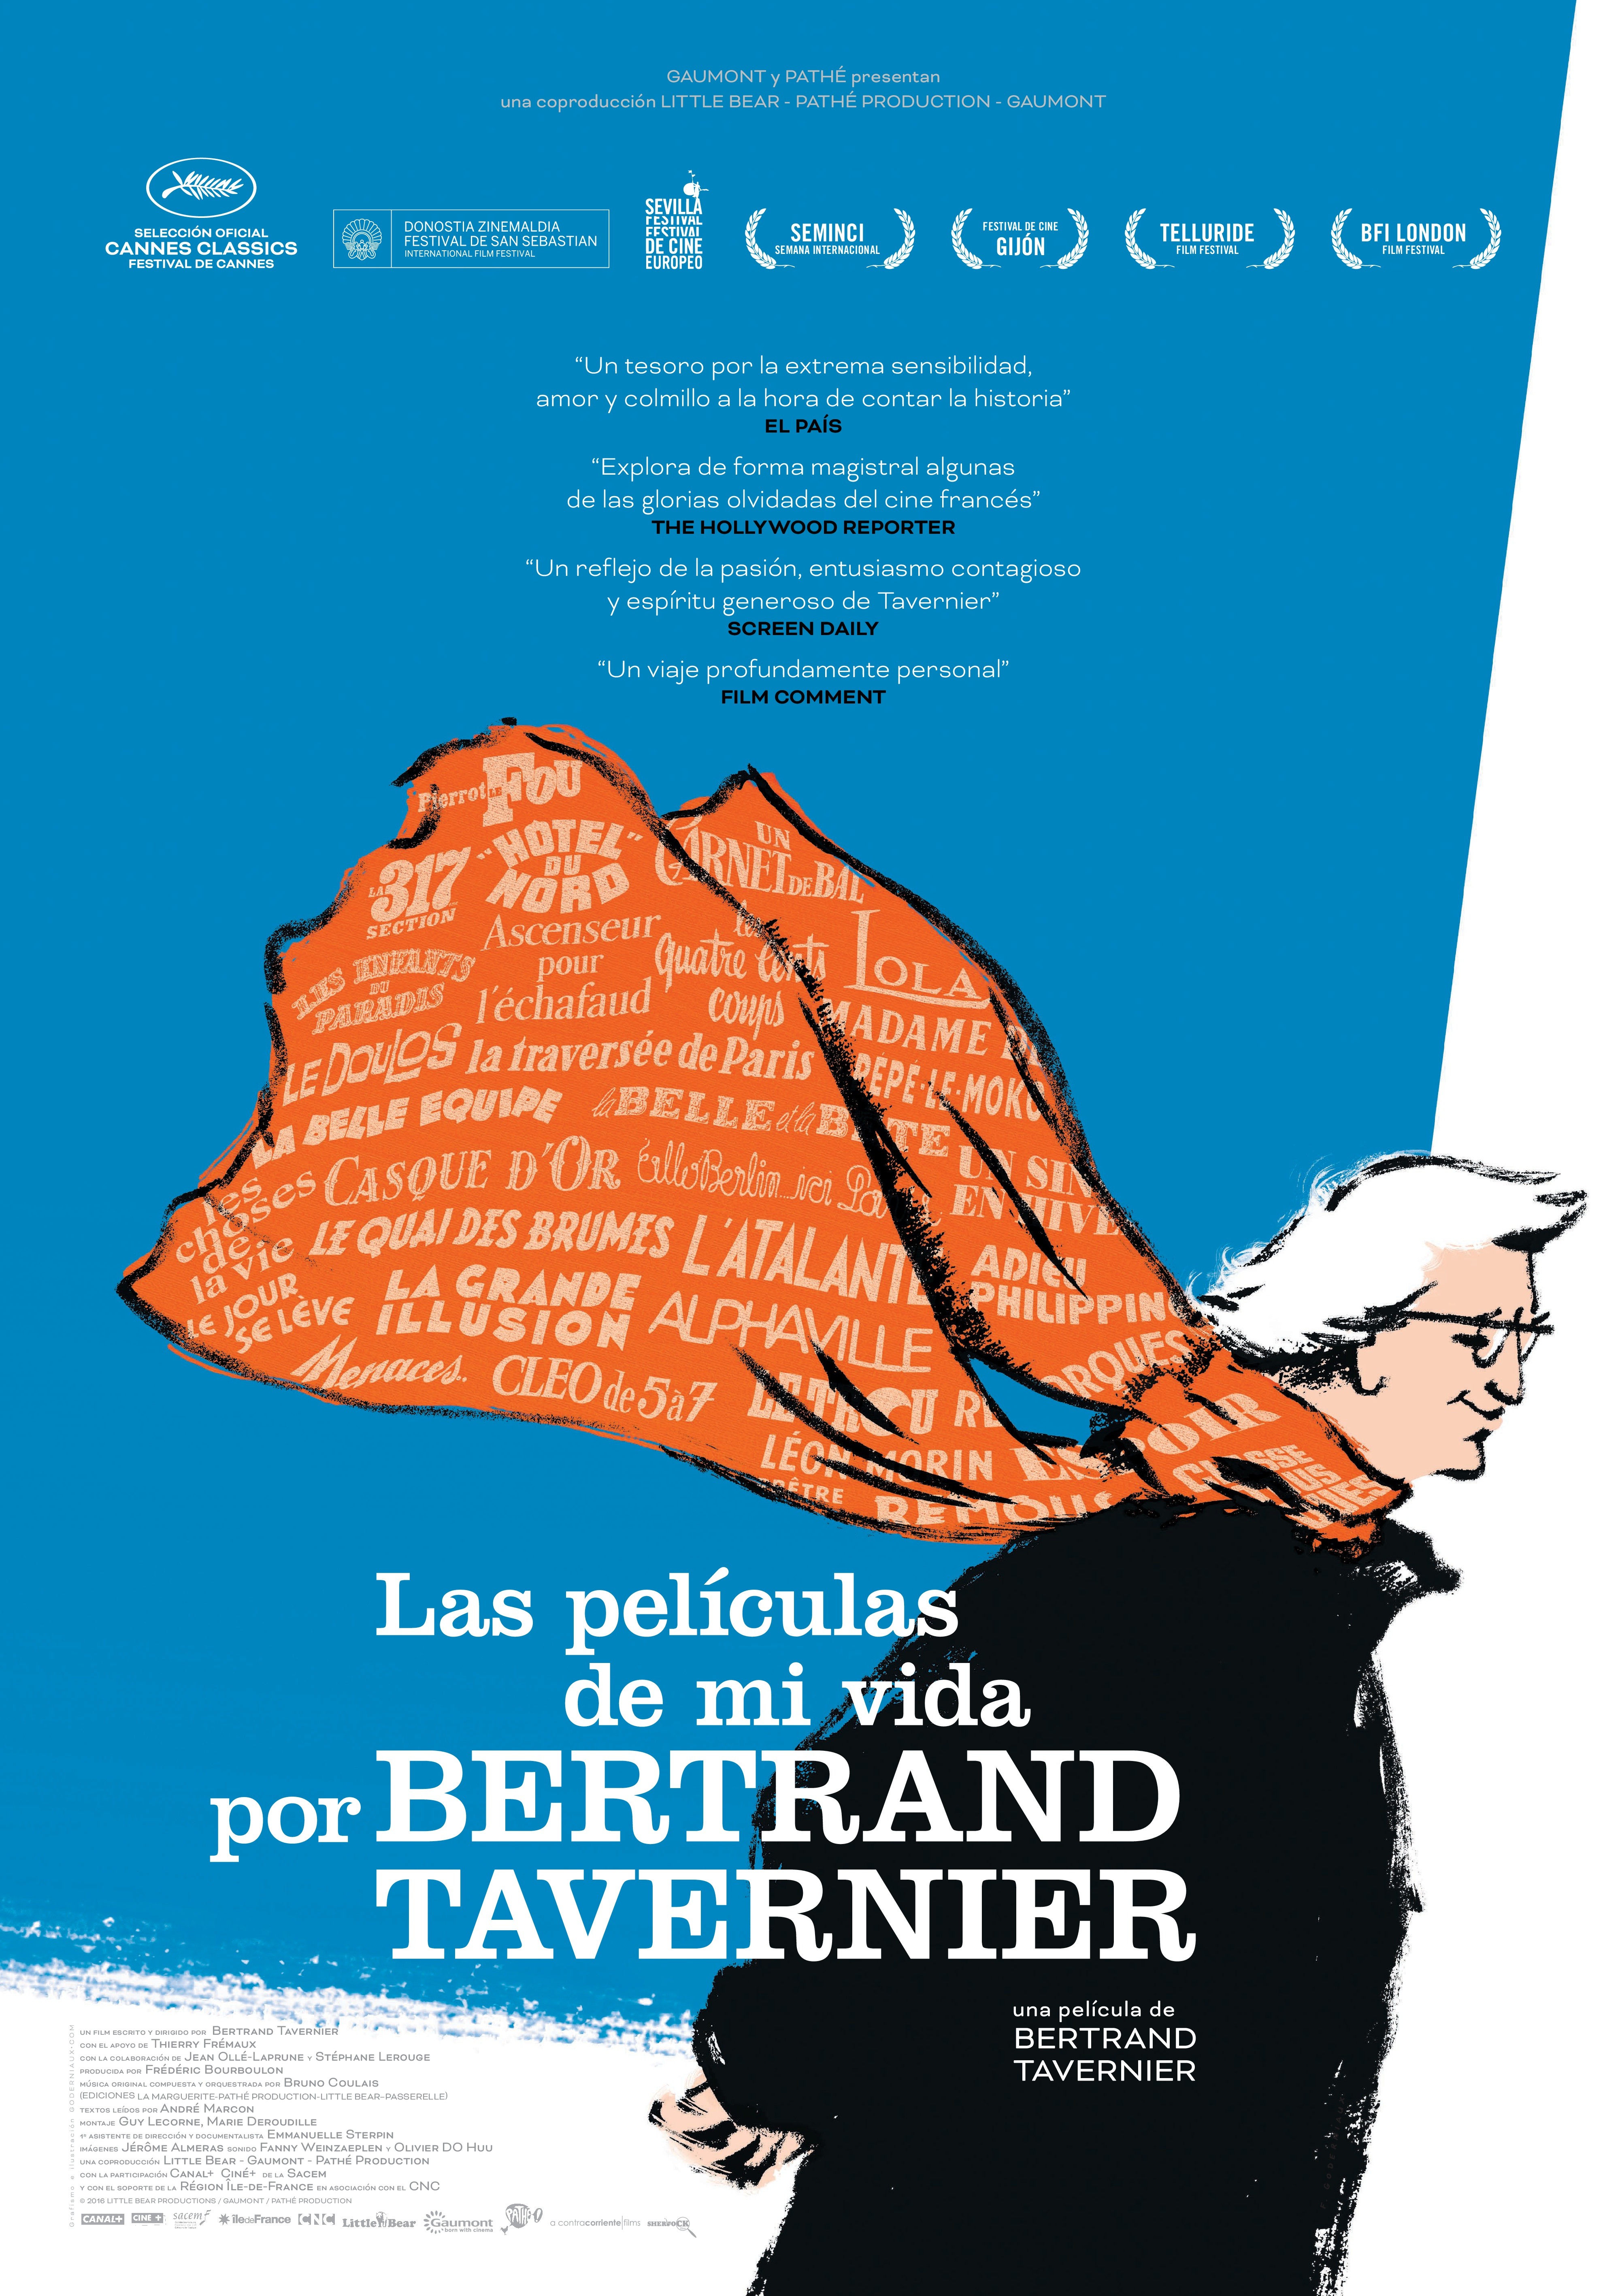 las_peliculas_de_mi_vida_por_bertrand_tavarnier_POSTER_70x100_finalfinal-001